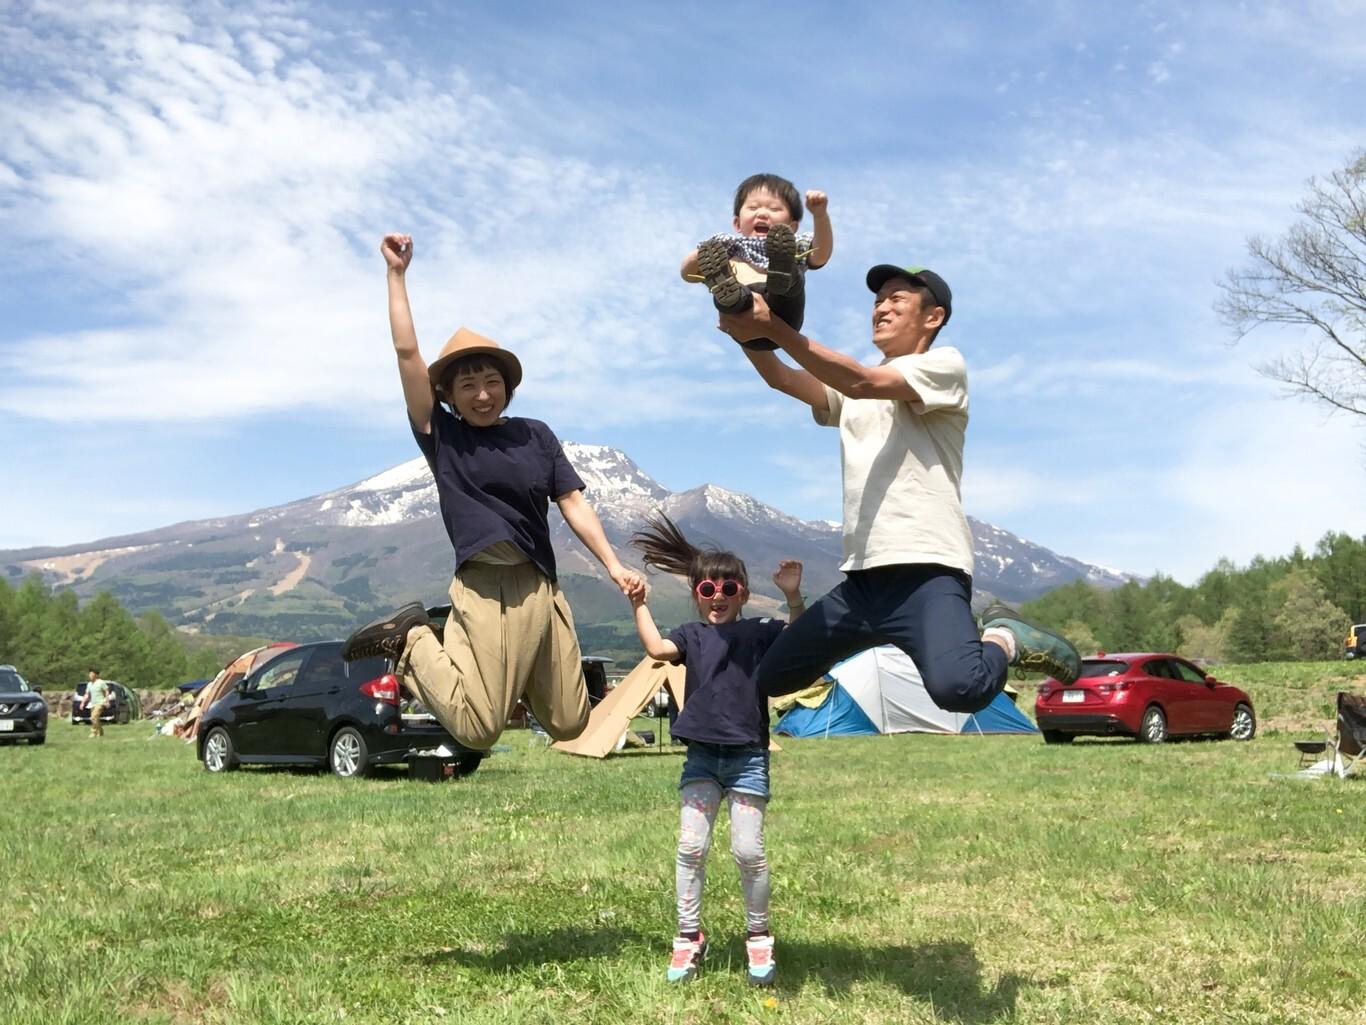 長野県信濃町 やすらぎの森オートキャンプ場 の写真p8488